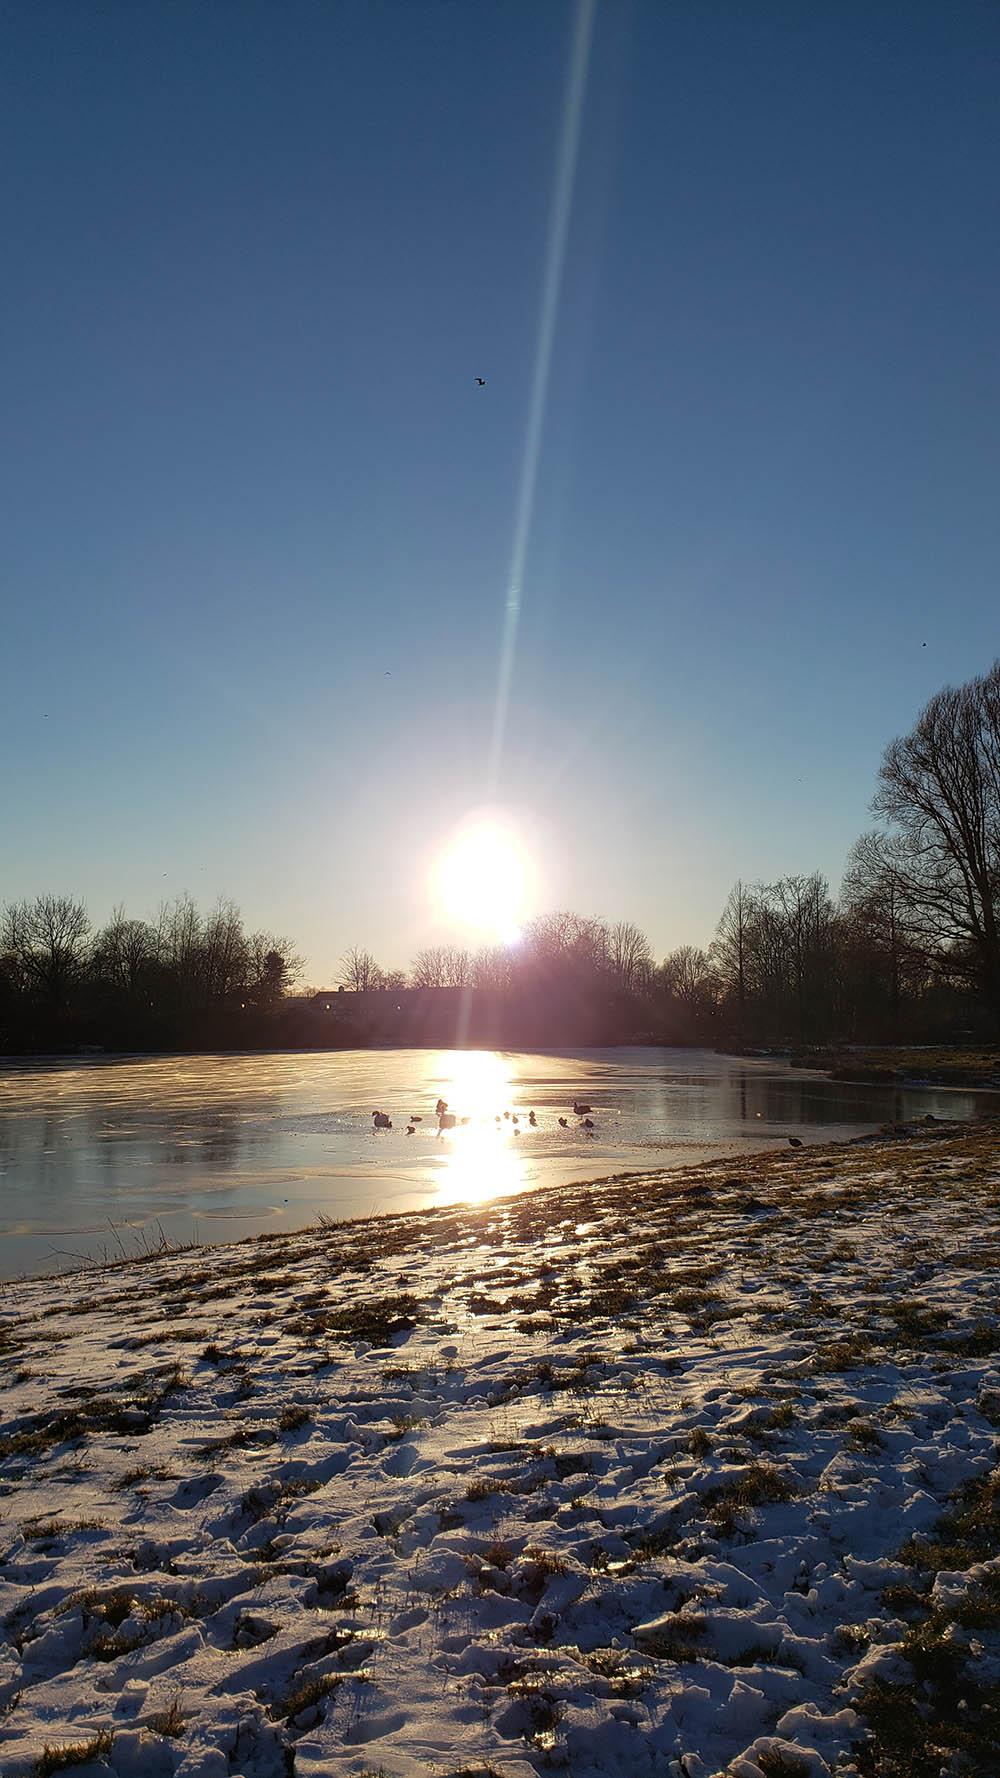 Sun over water at a human-made lake.